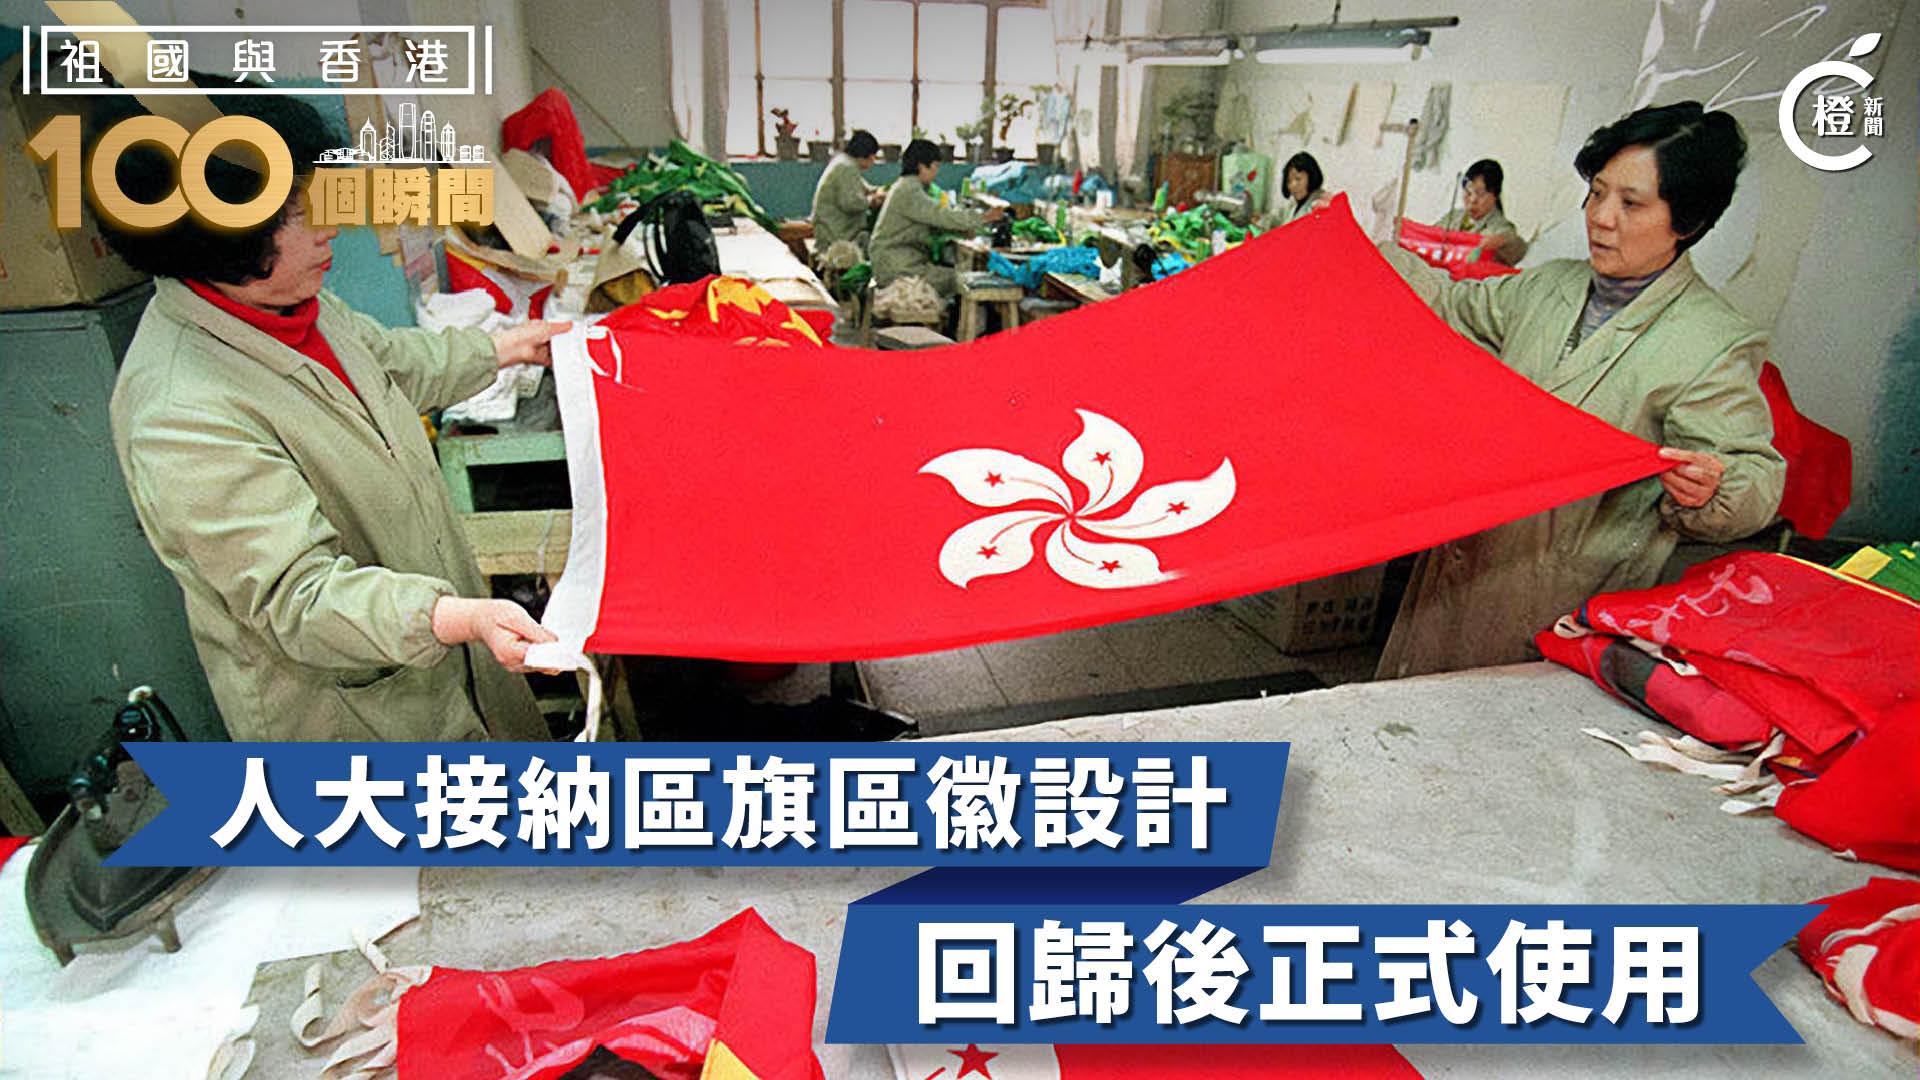 【祖國與香港100個瞬間】區旗區徽設計獲全國人大接納 回歸後正式使用